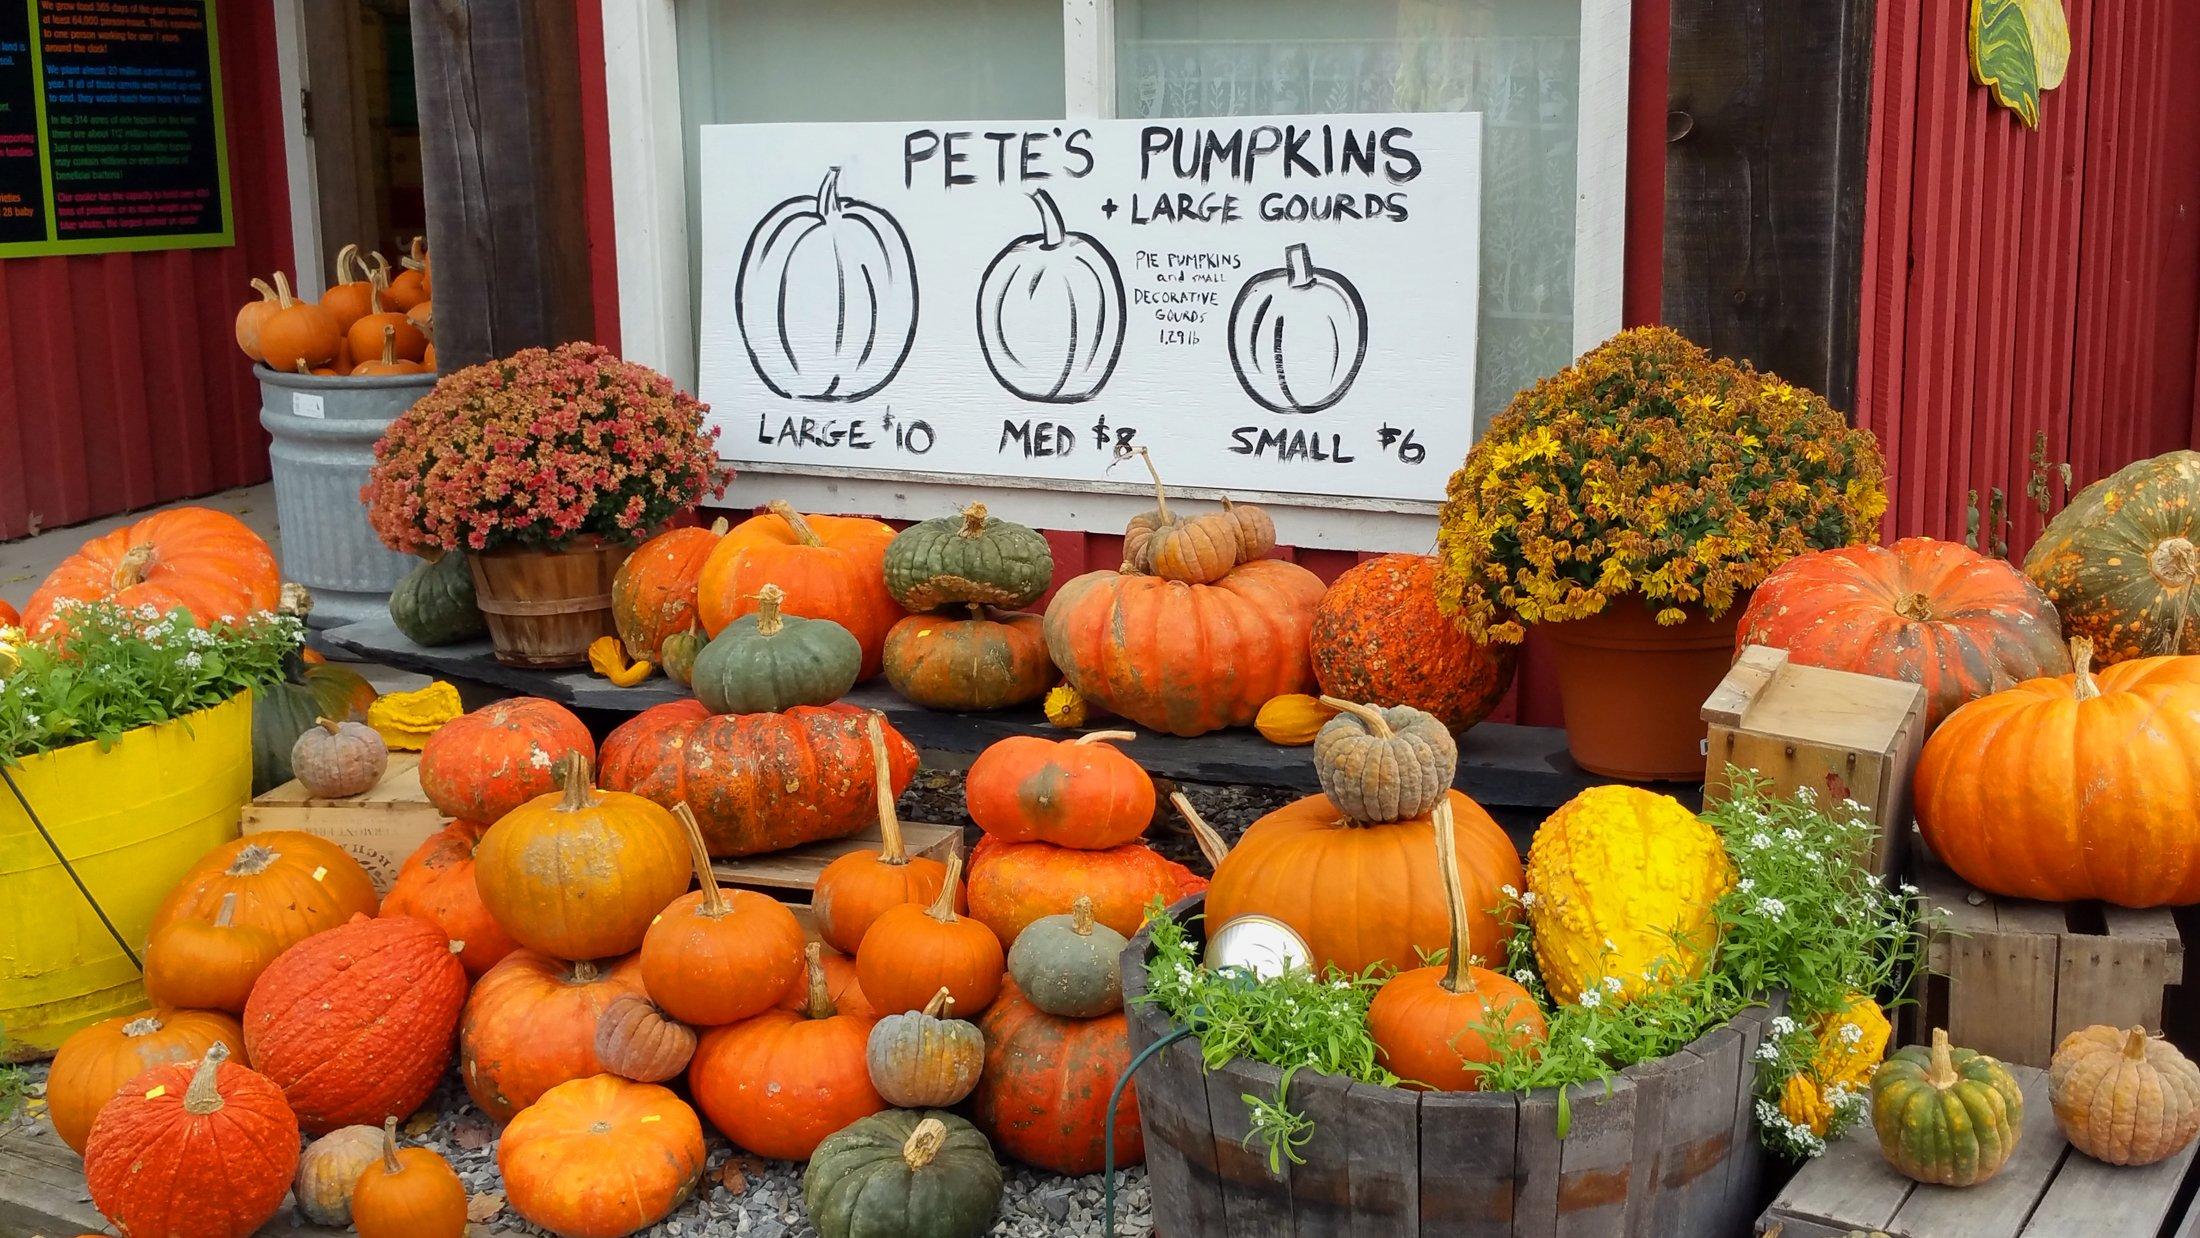 vermont-petes-pumpkins-2